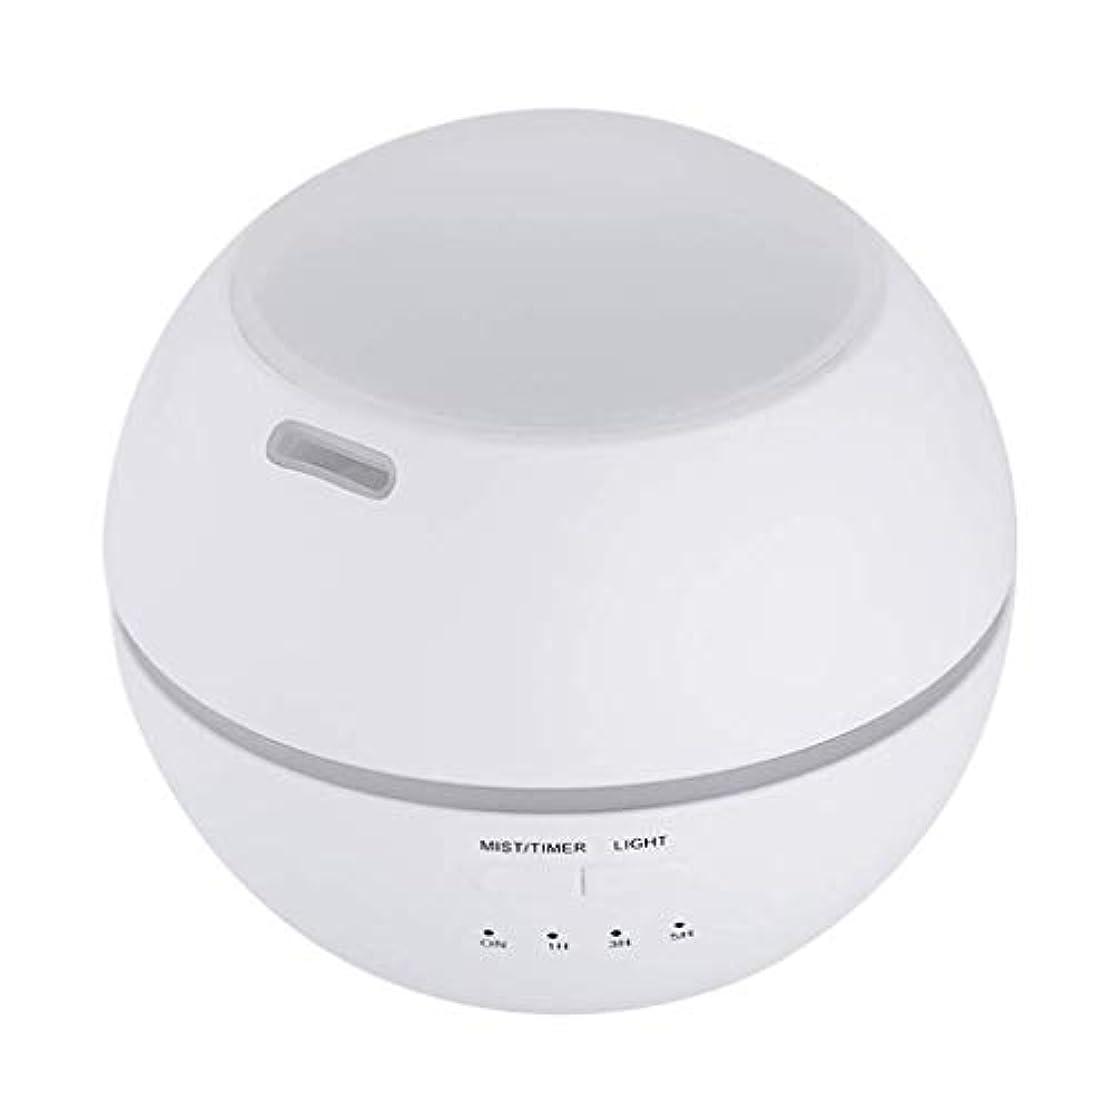 大きさ整理するエキス加湿器、ポータブルアロマテラピーランプ、エッセンシャルオイルディフューザー加湿器、LEDランプの色を変える、空気清浄アロマテラピーマシン、サイレント家庭用 (Color : 白)